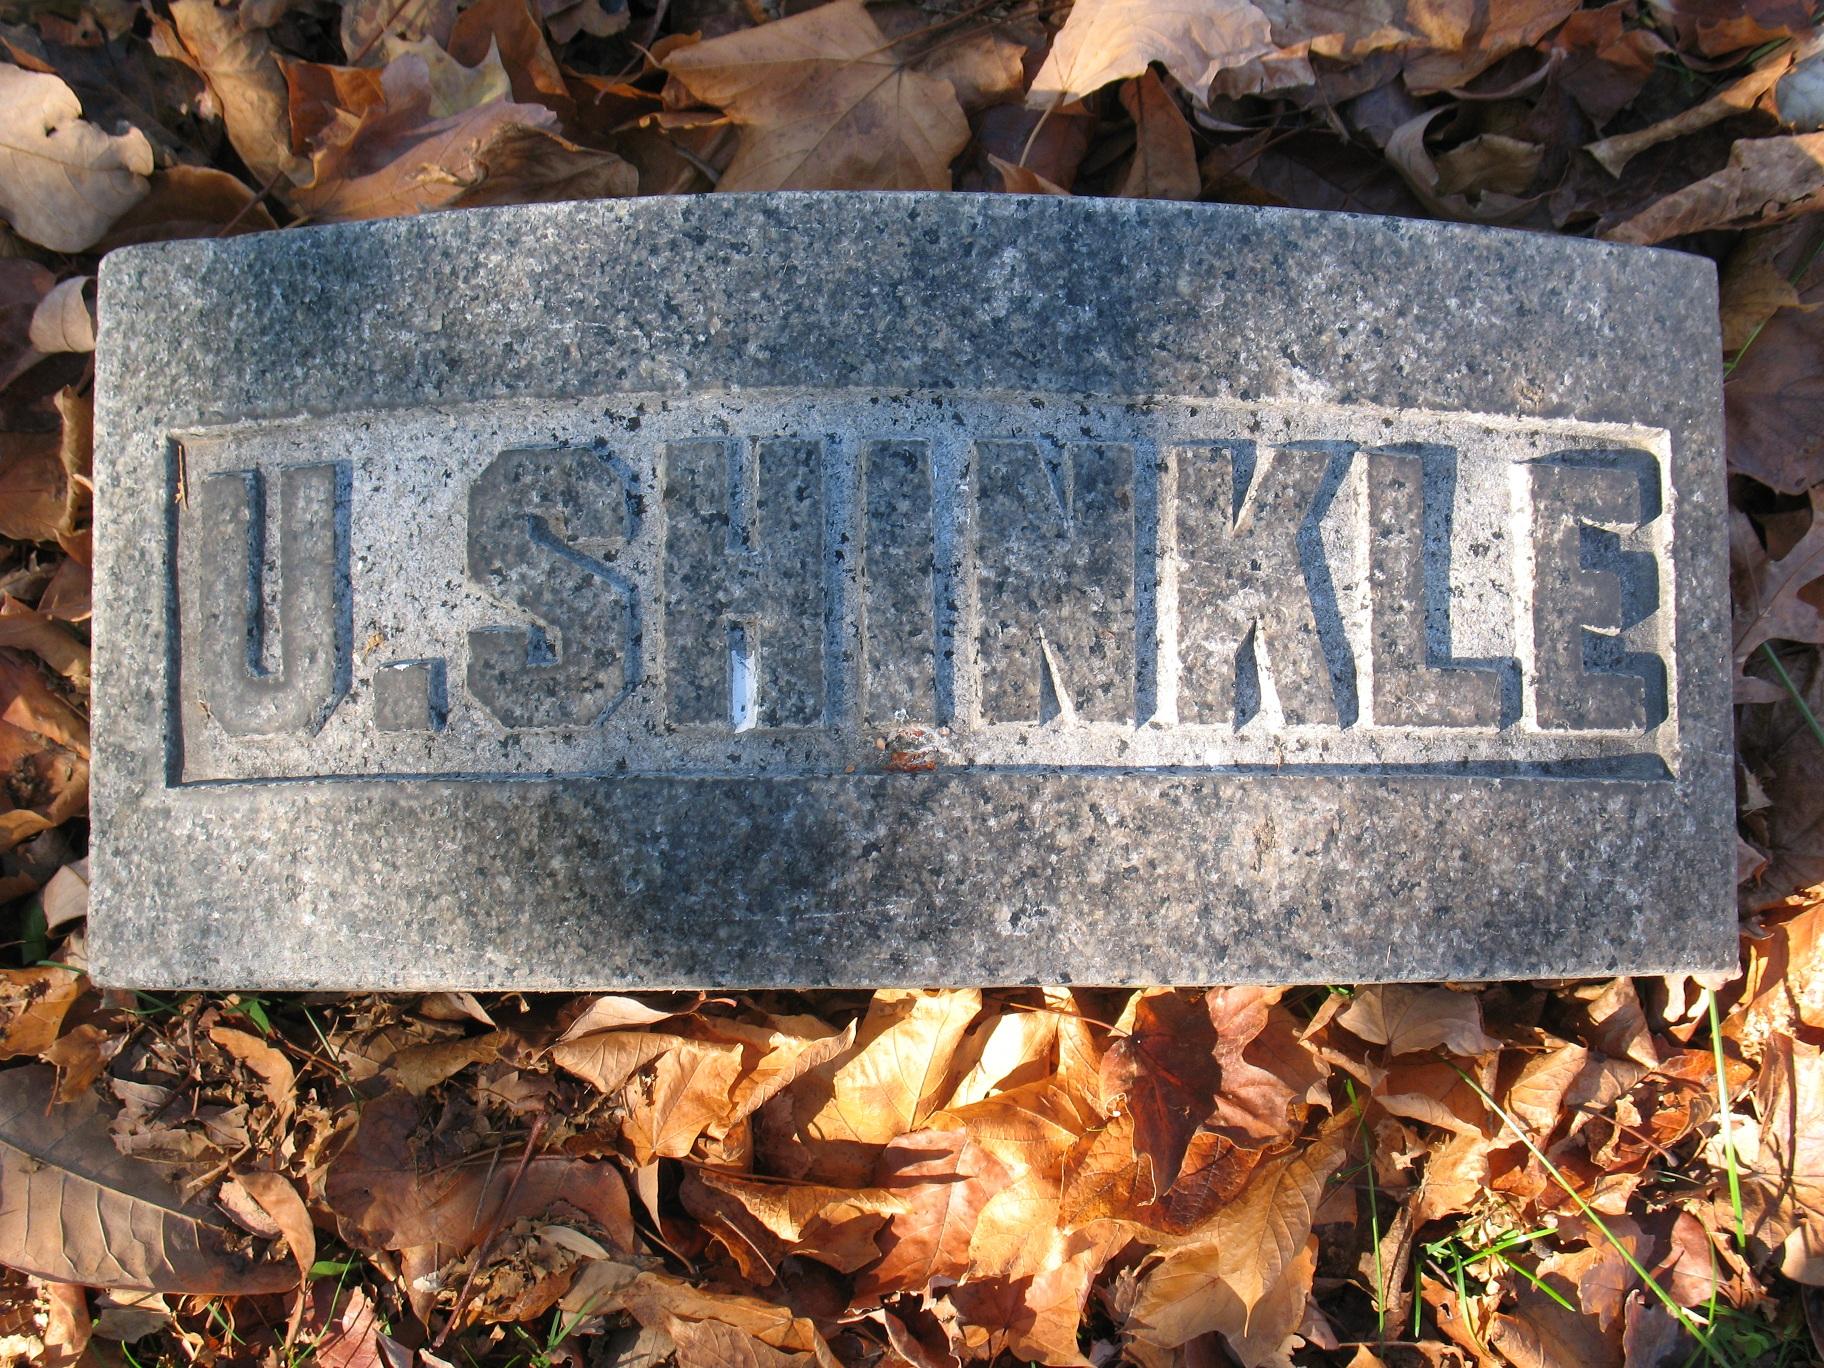 Uriah Shinkle